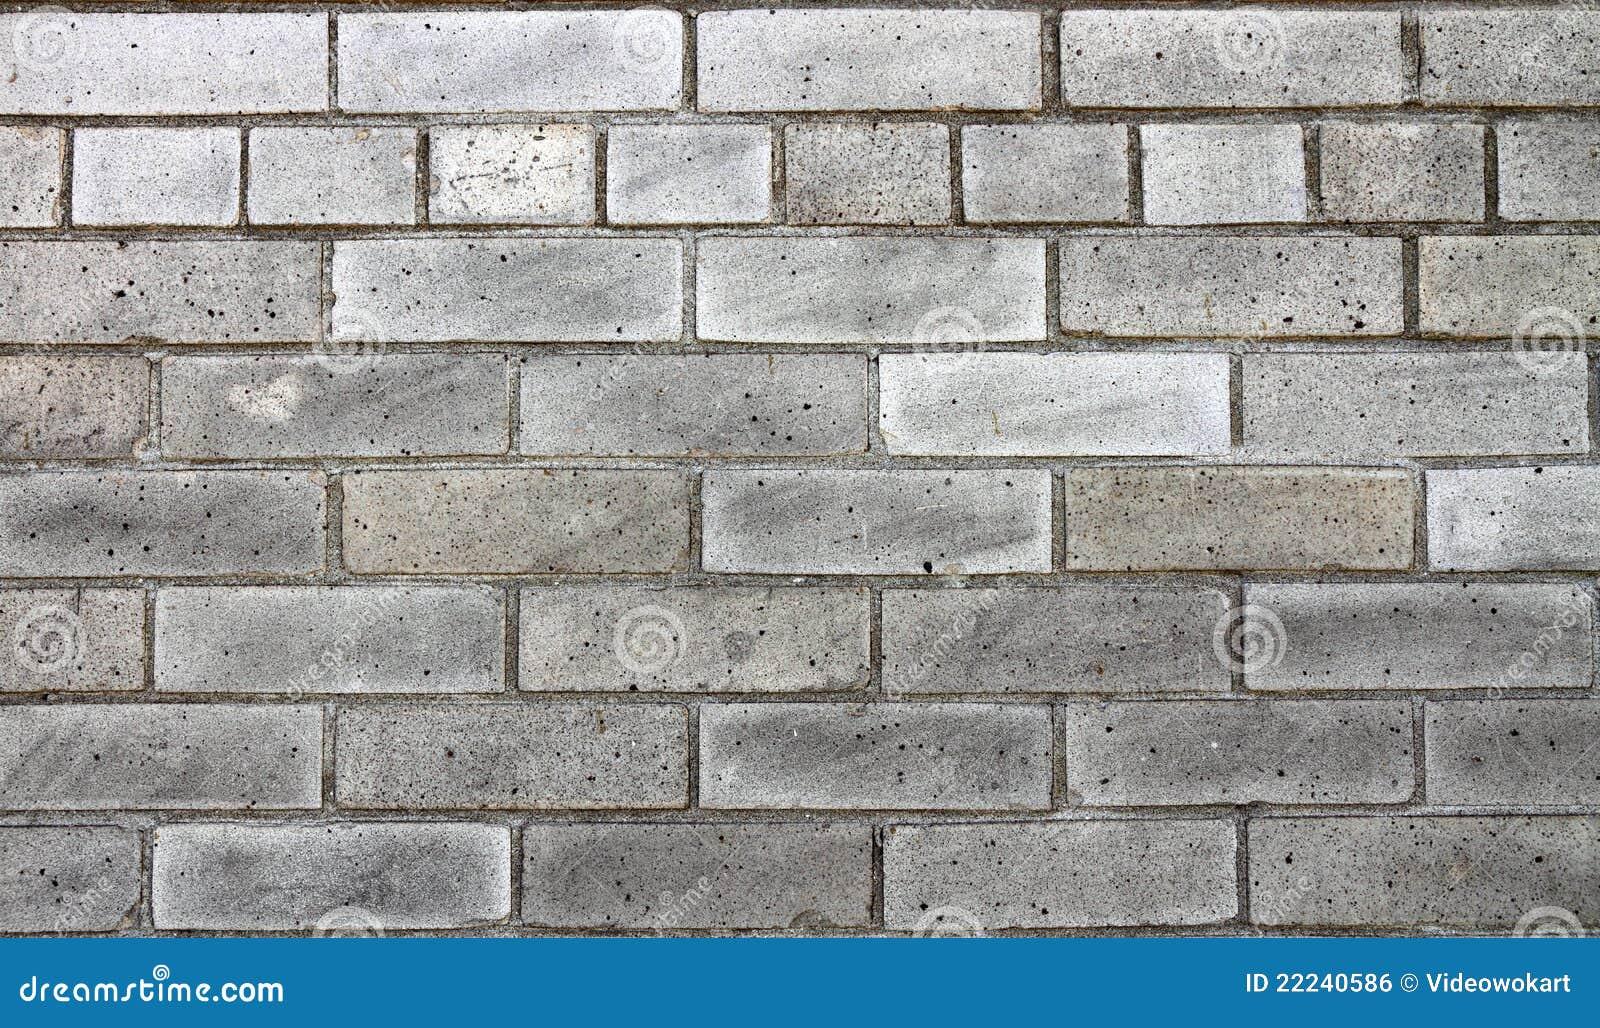 un mur de briques gris image libre de droits image 22240586. Black Bedroom Furniture Sets. Home Design Ideas